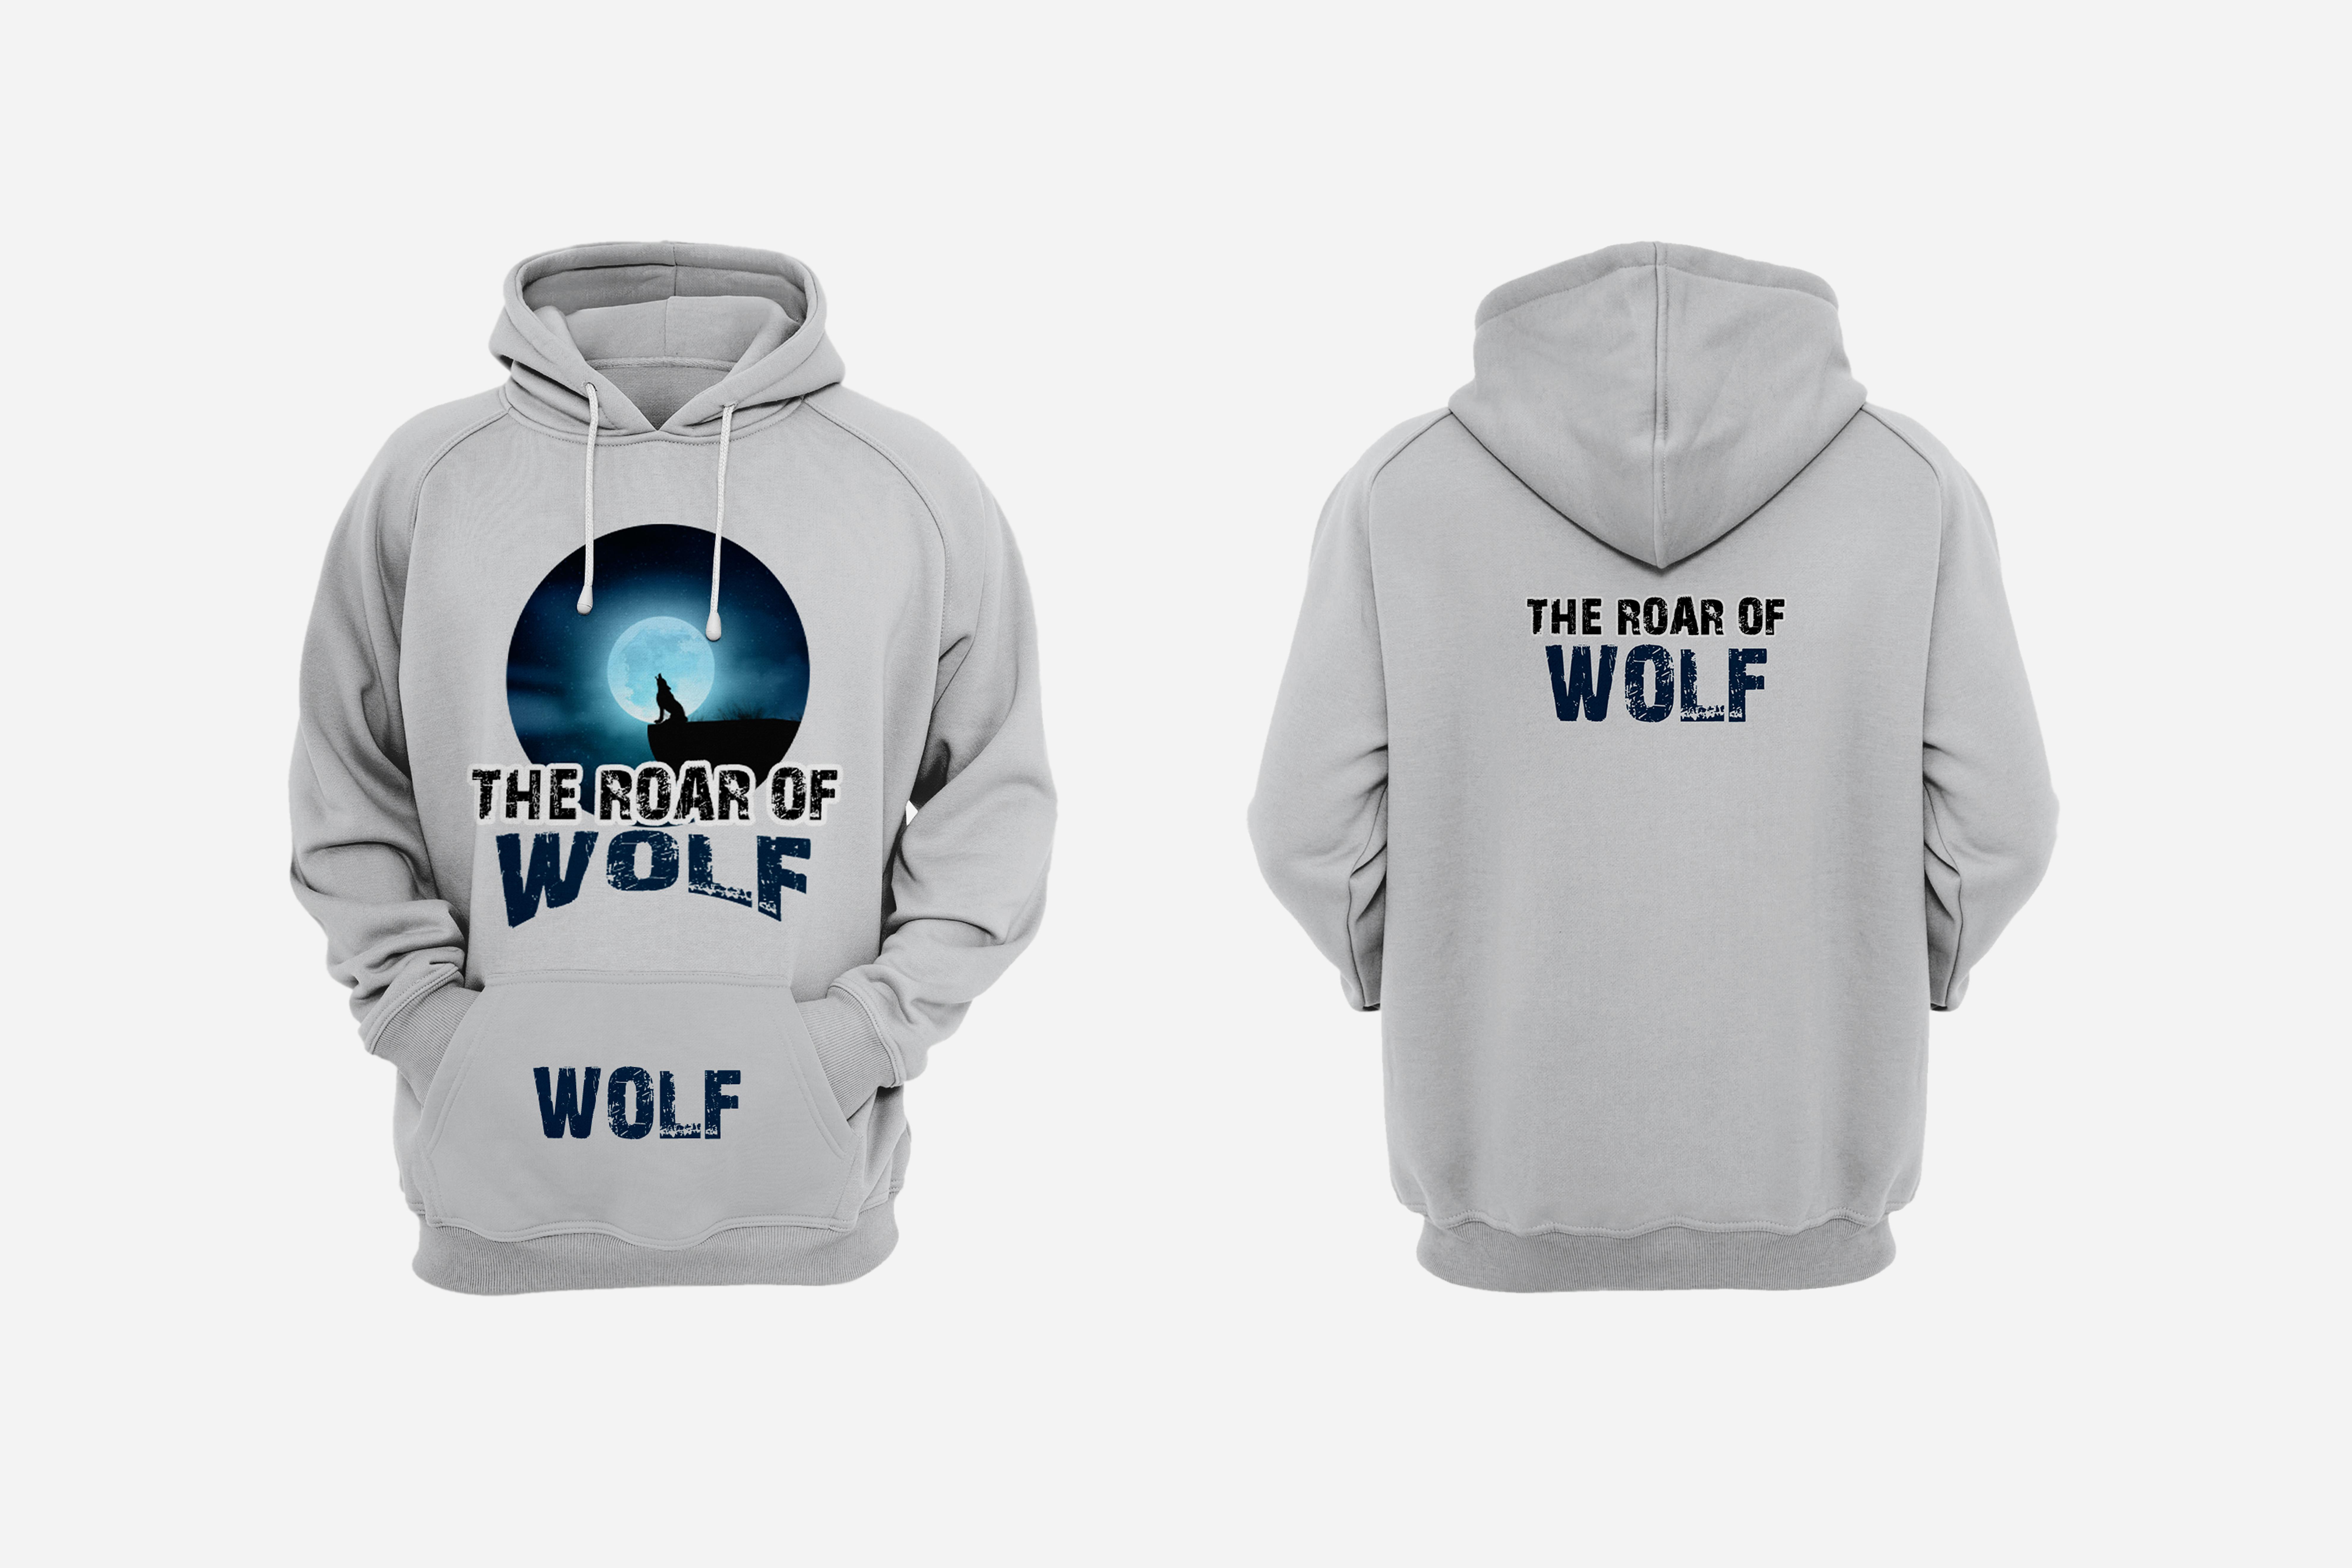 i will do modern uniqe trendy t shirt design